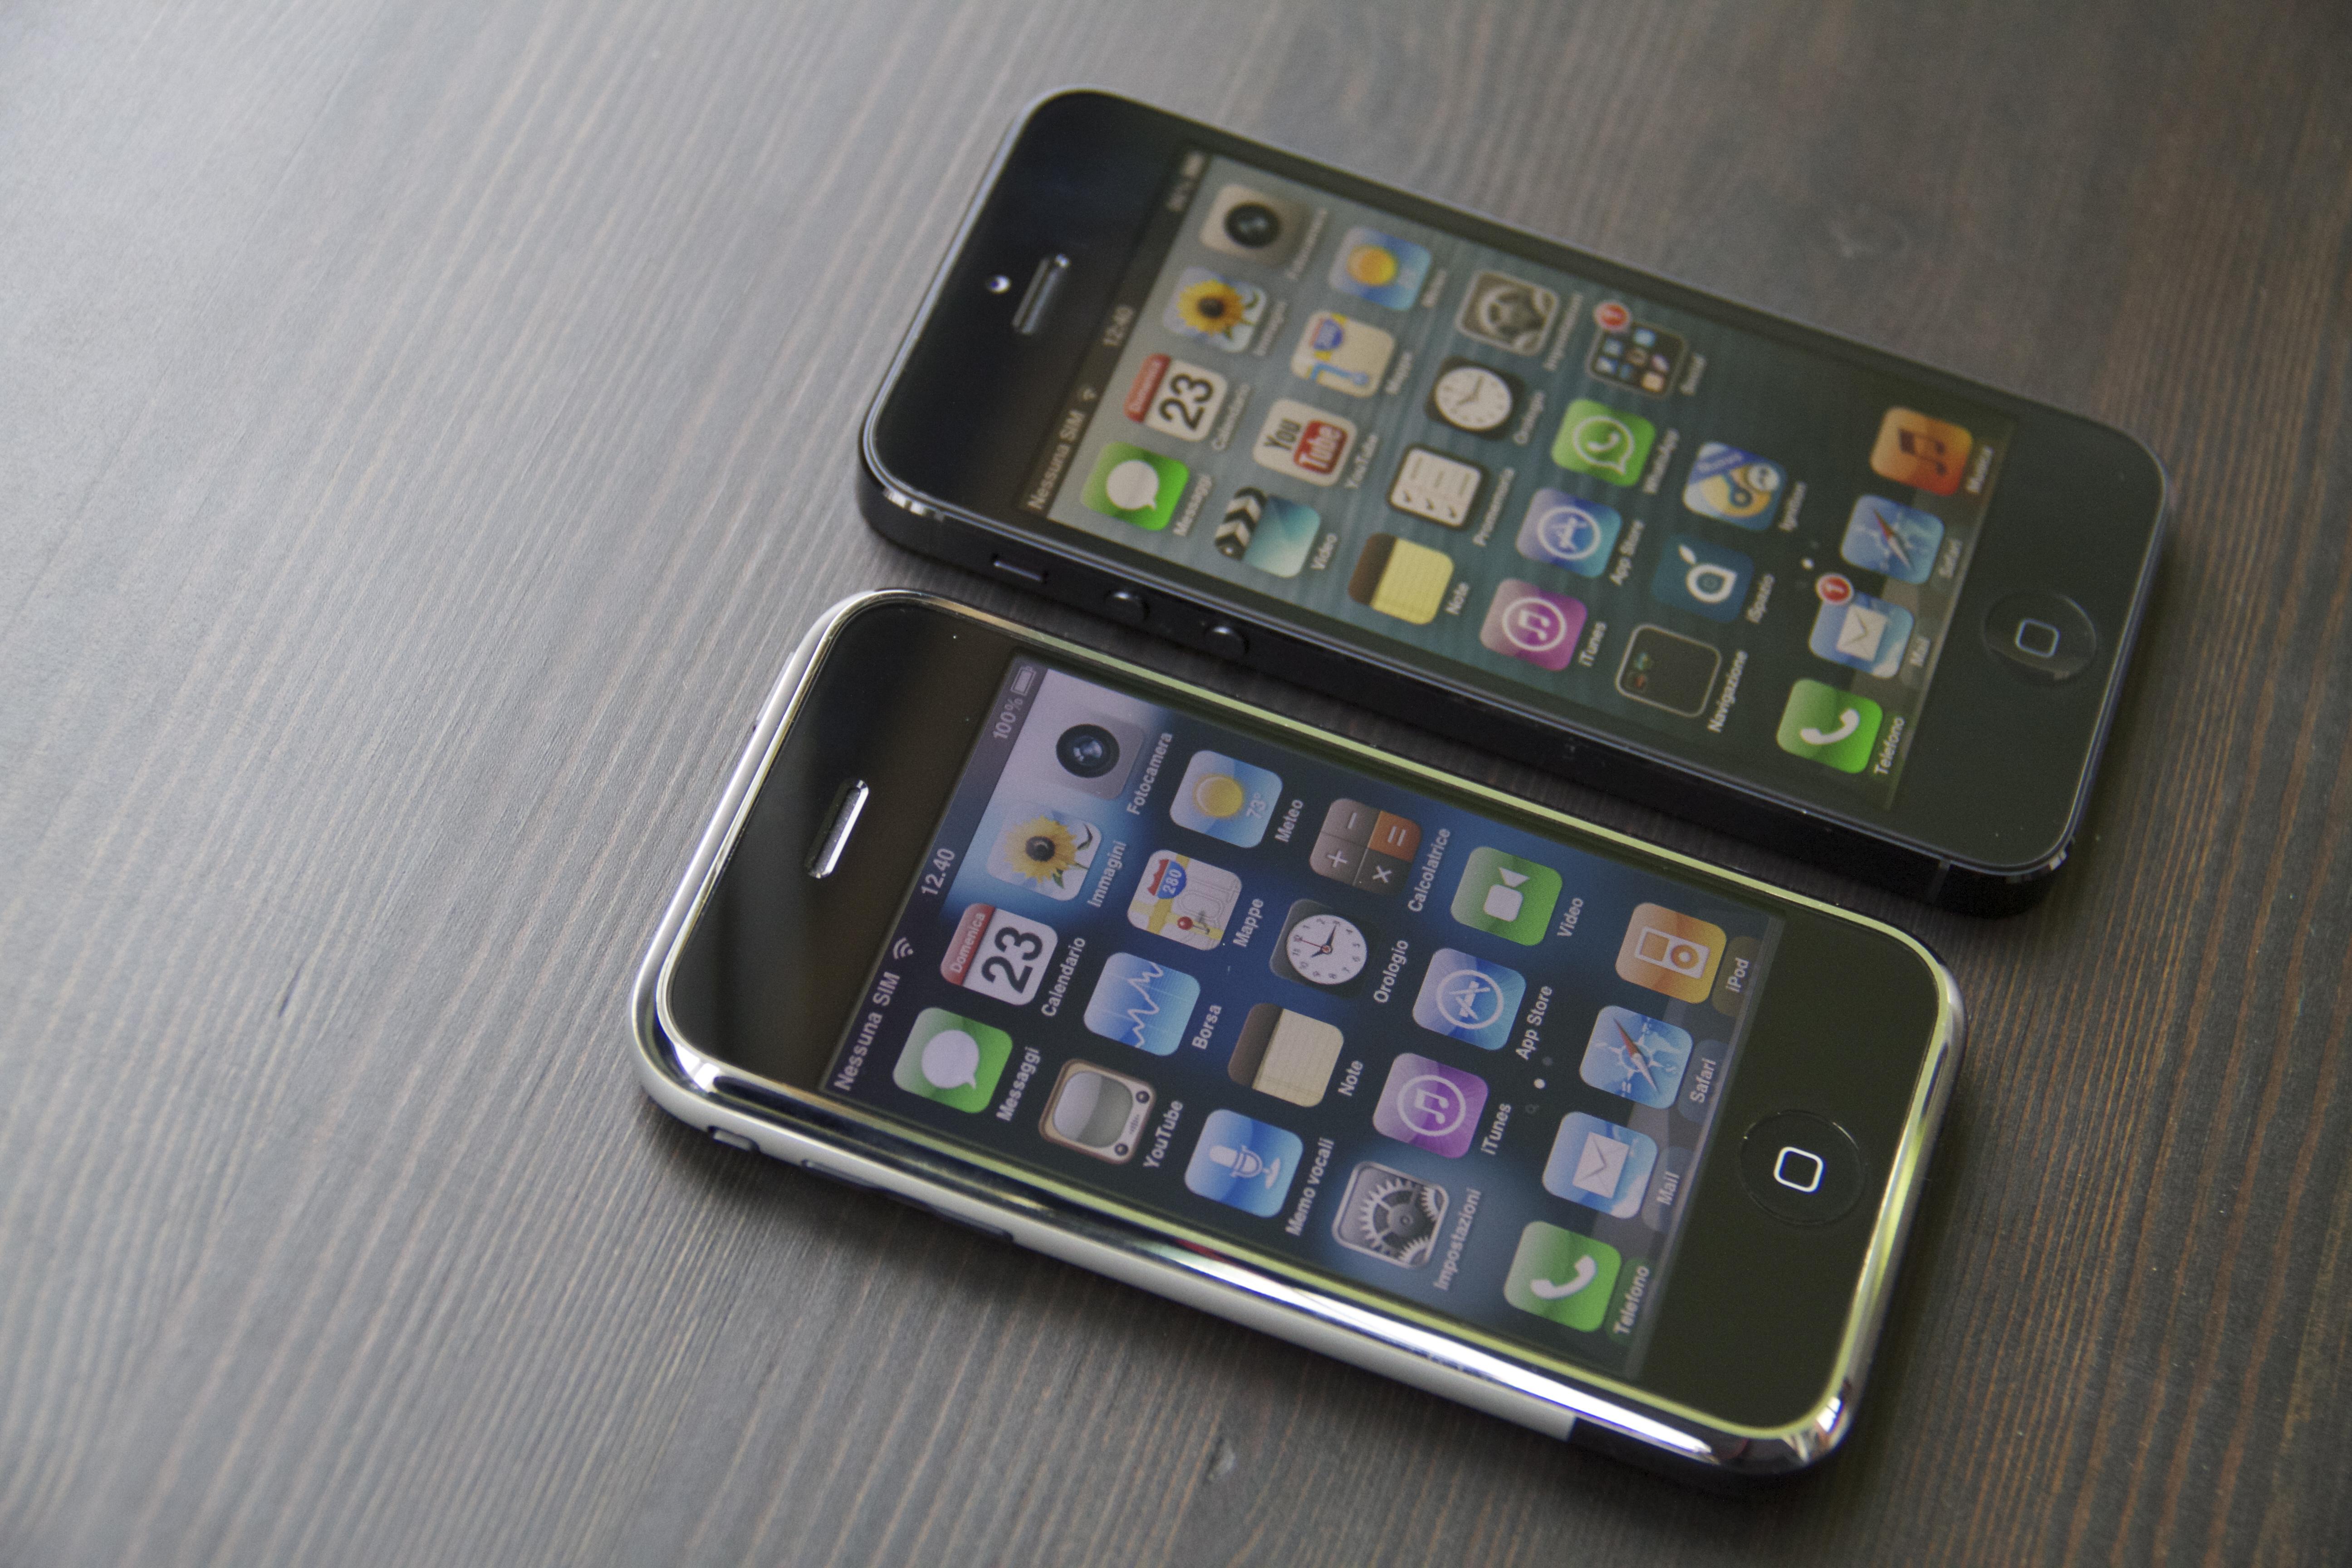 Schermo giallo su iPhone 5? Chiediamolo ad iPhone 2G